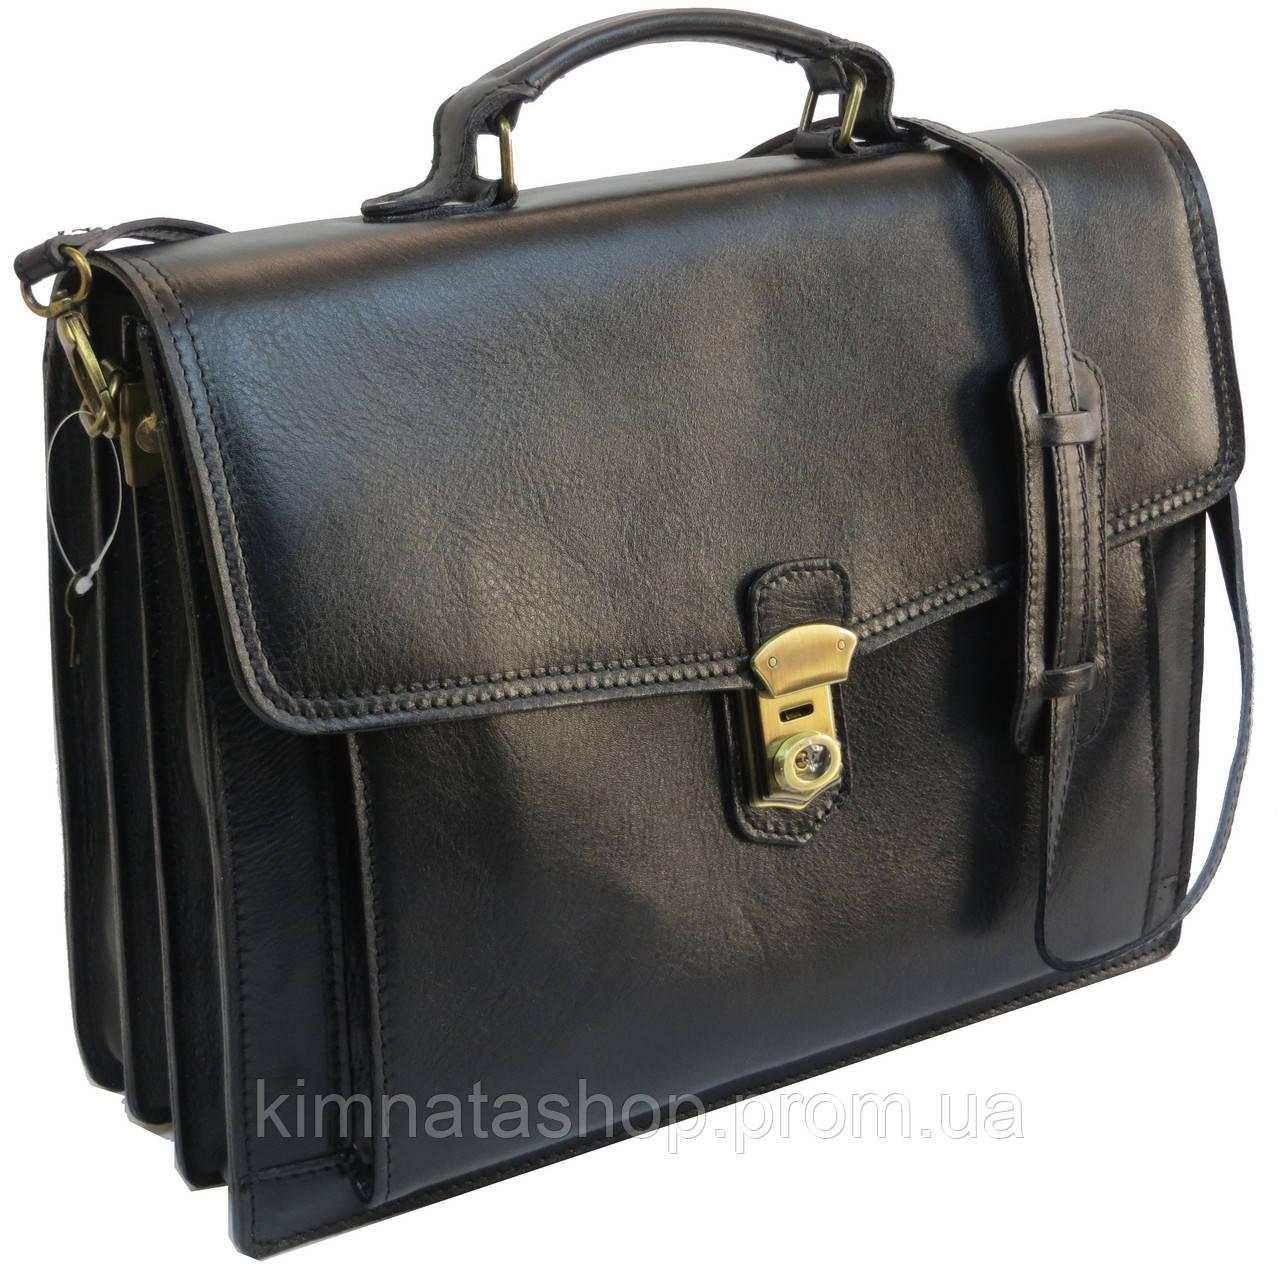 Большой кожаный деловой портфель TOMSKOR, Польша 81566 черный